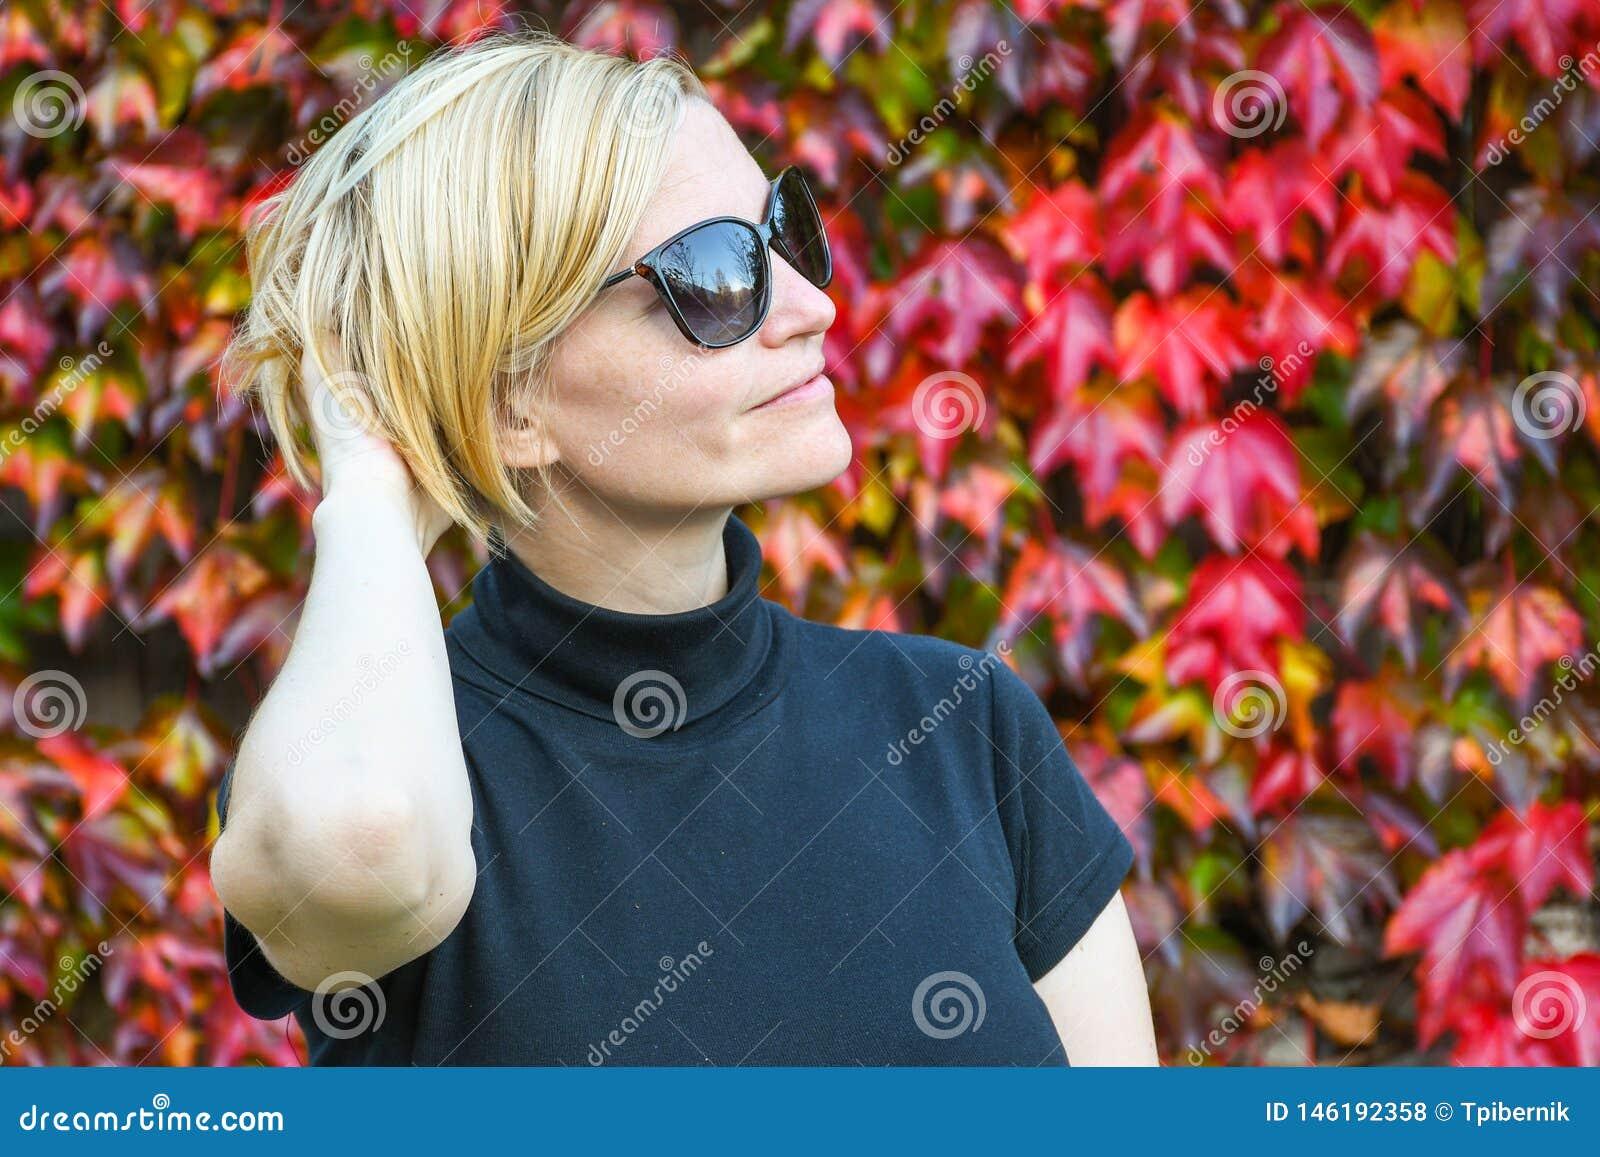 Ευτυχής χαλαρωμένη γυναίκα με τα μαύρα γυαλιά ηλίου και πουκάμισο που κρατά το βραχίονά της στο πίσω μέρος του κεφαλιού της